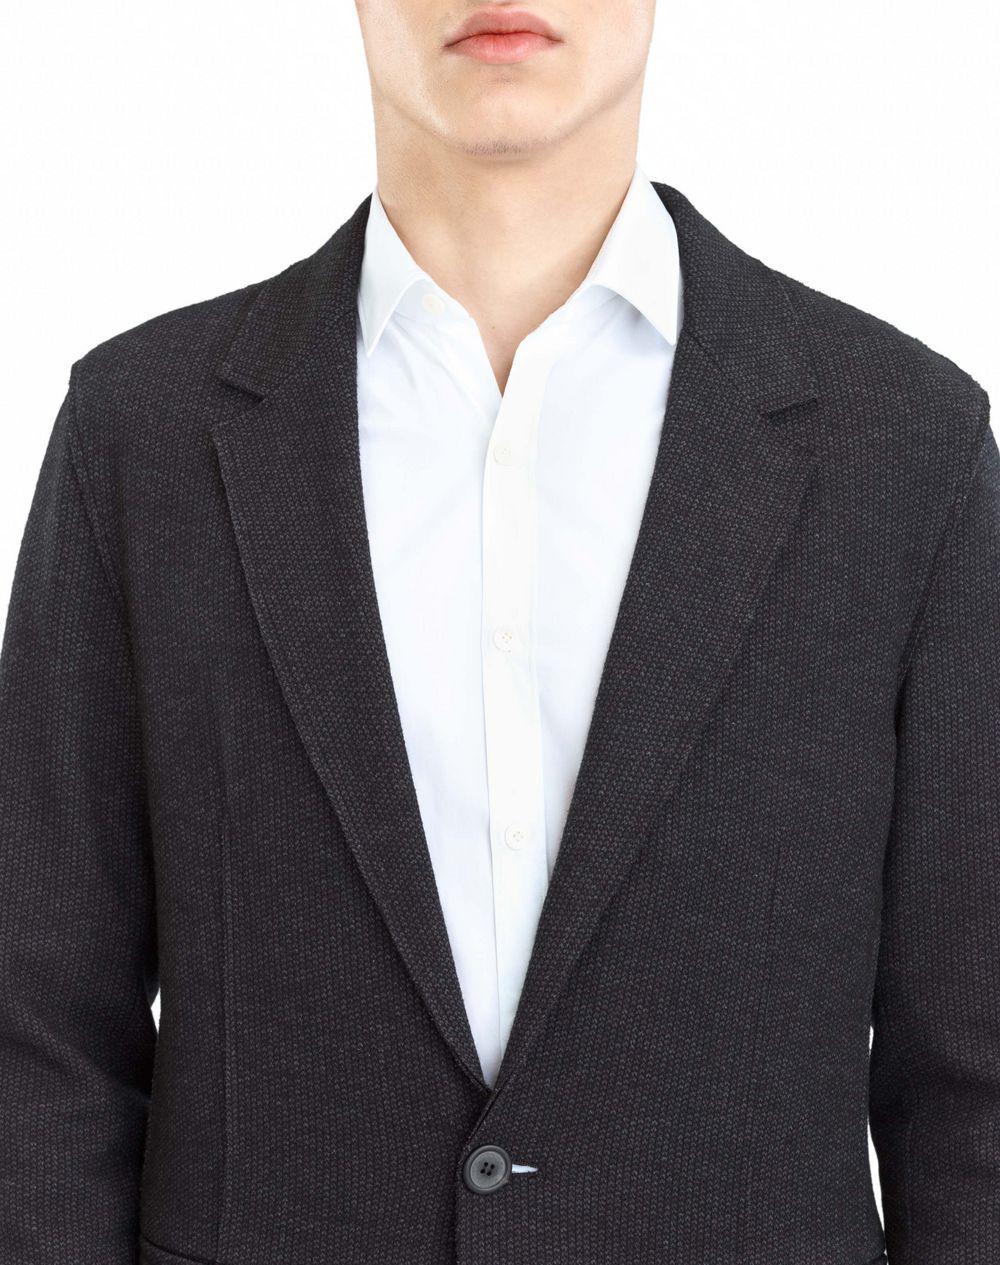 针织宽松夹克 - Lanvin